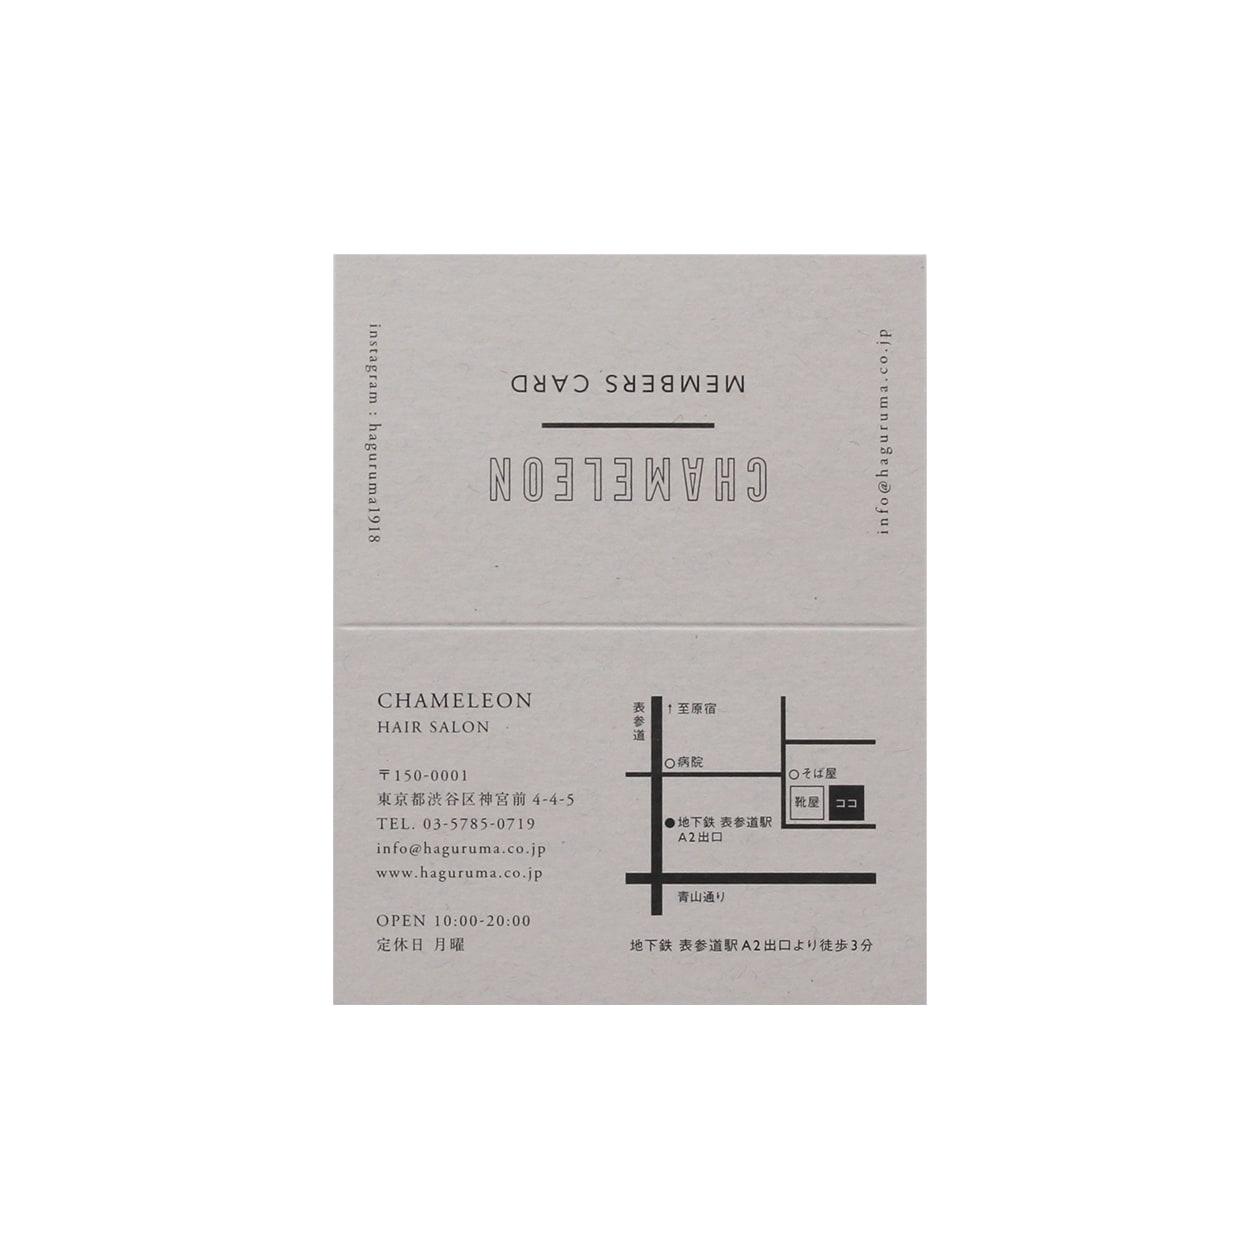 サンプル カード・シート 00404